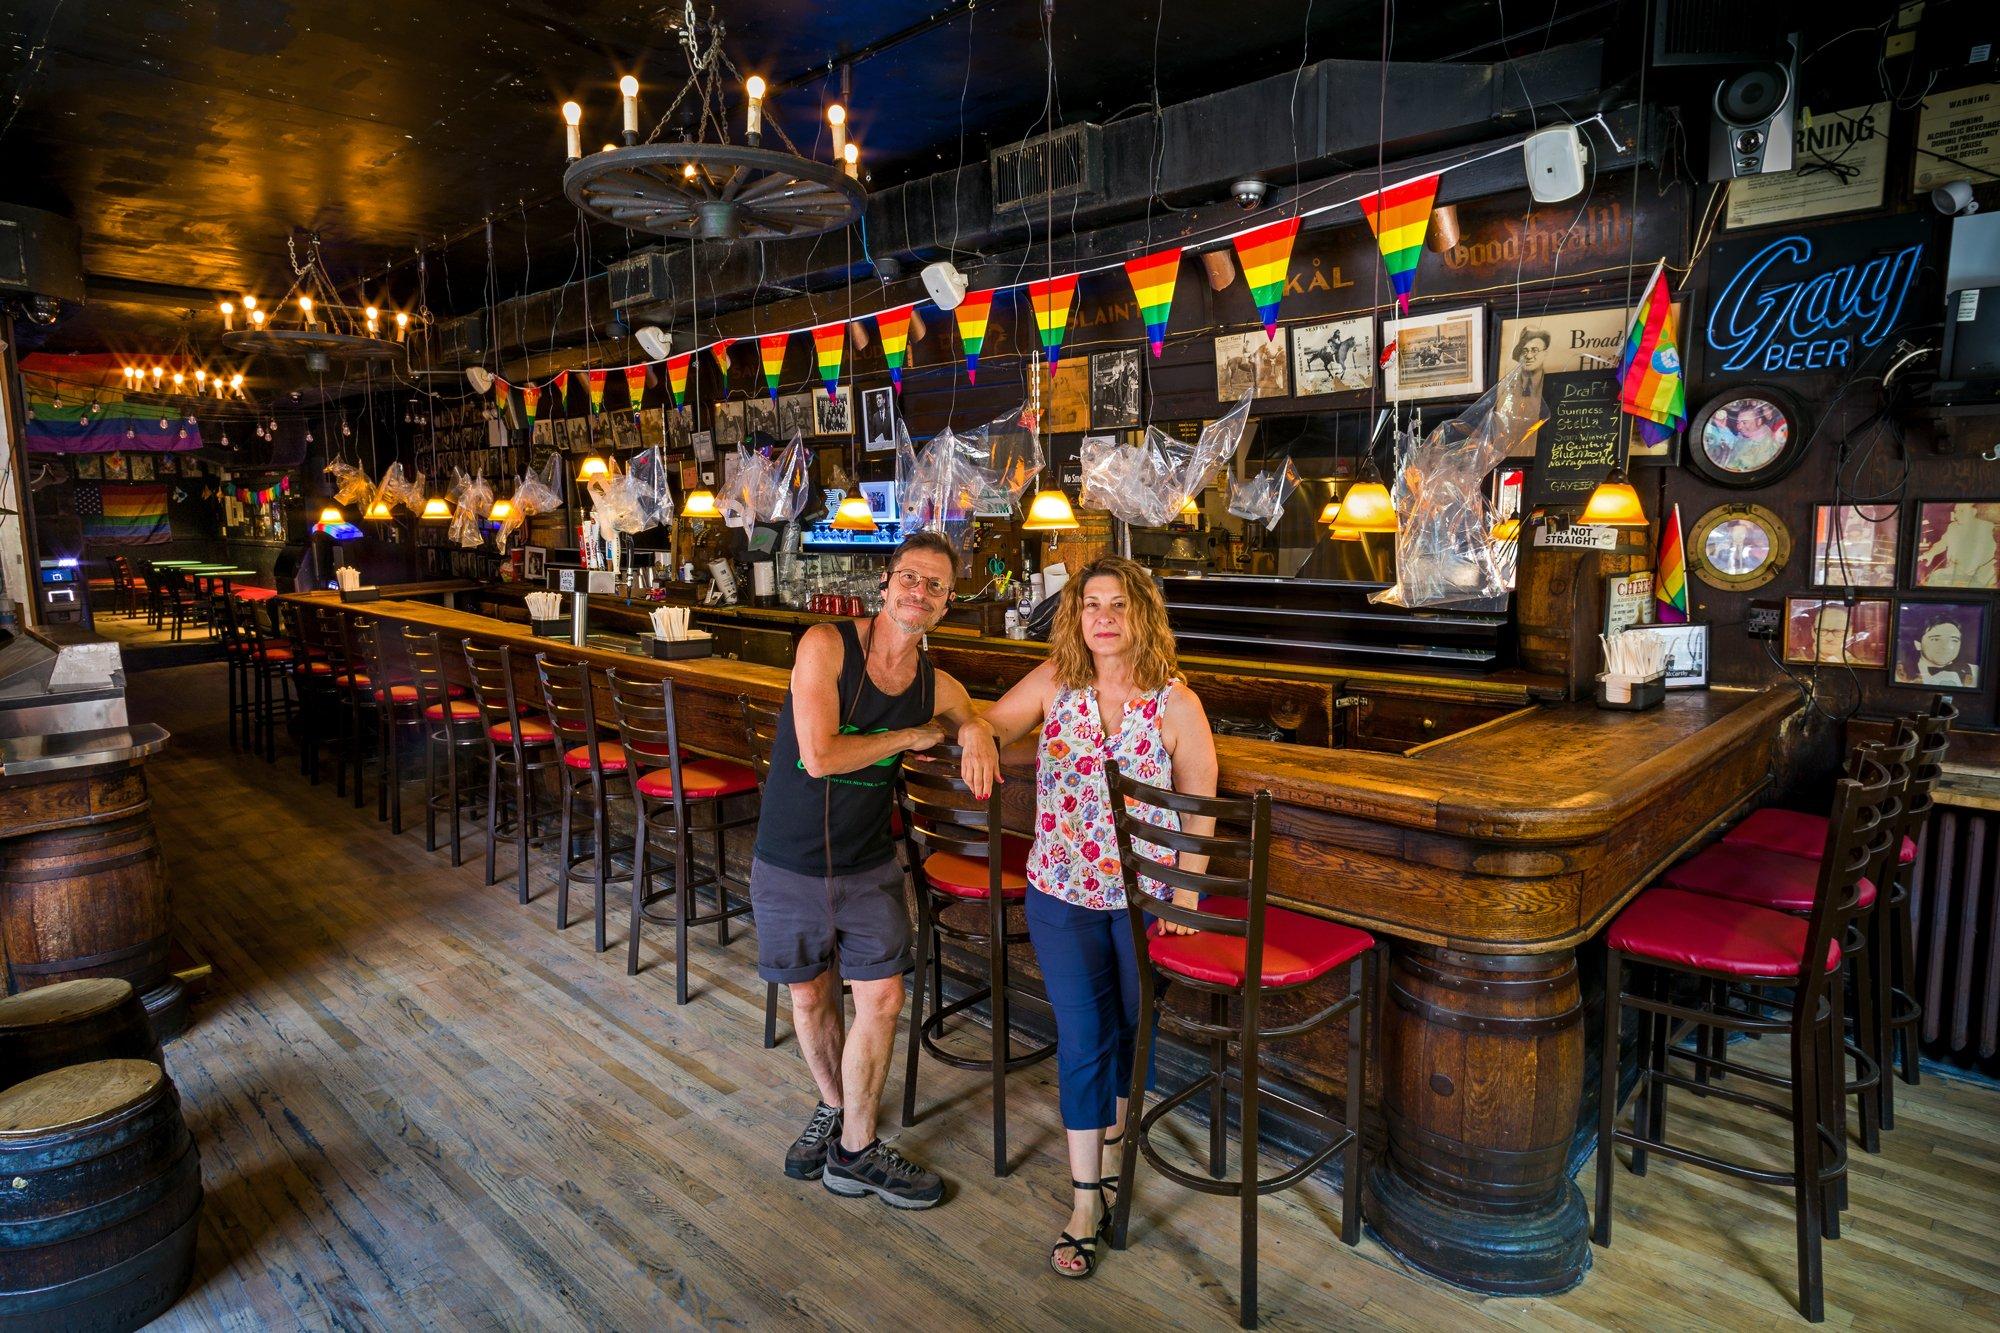 gay bar nyc